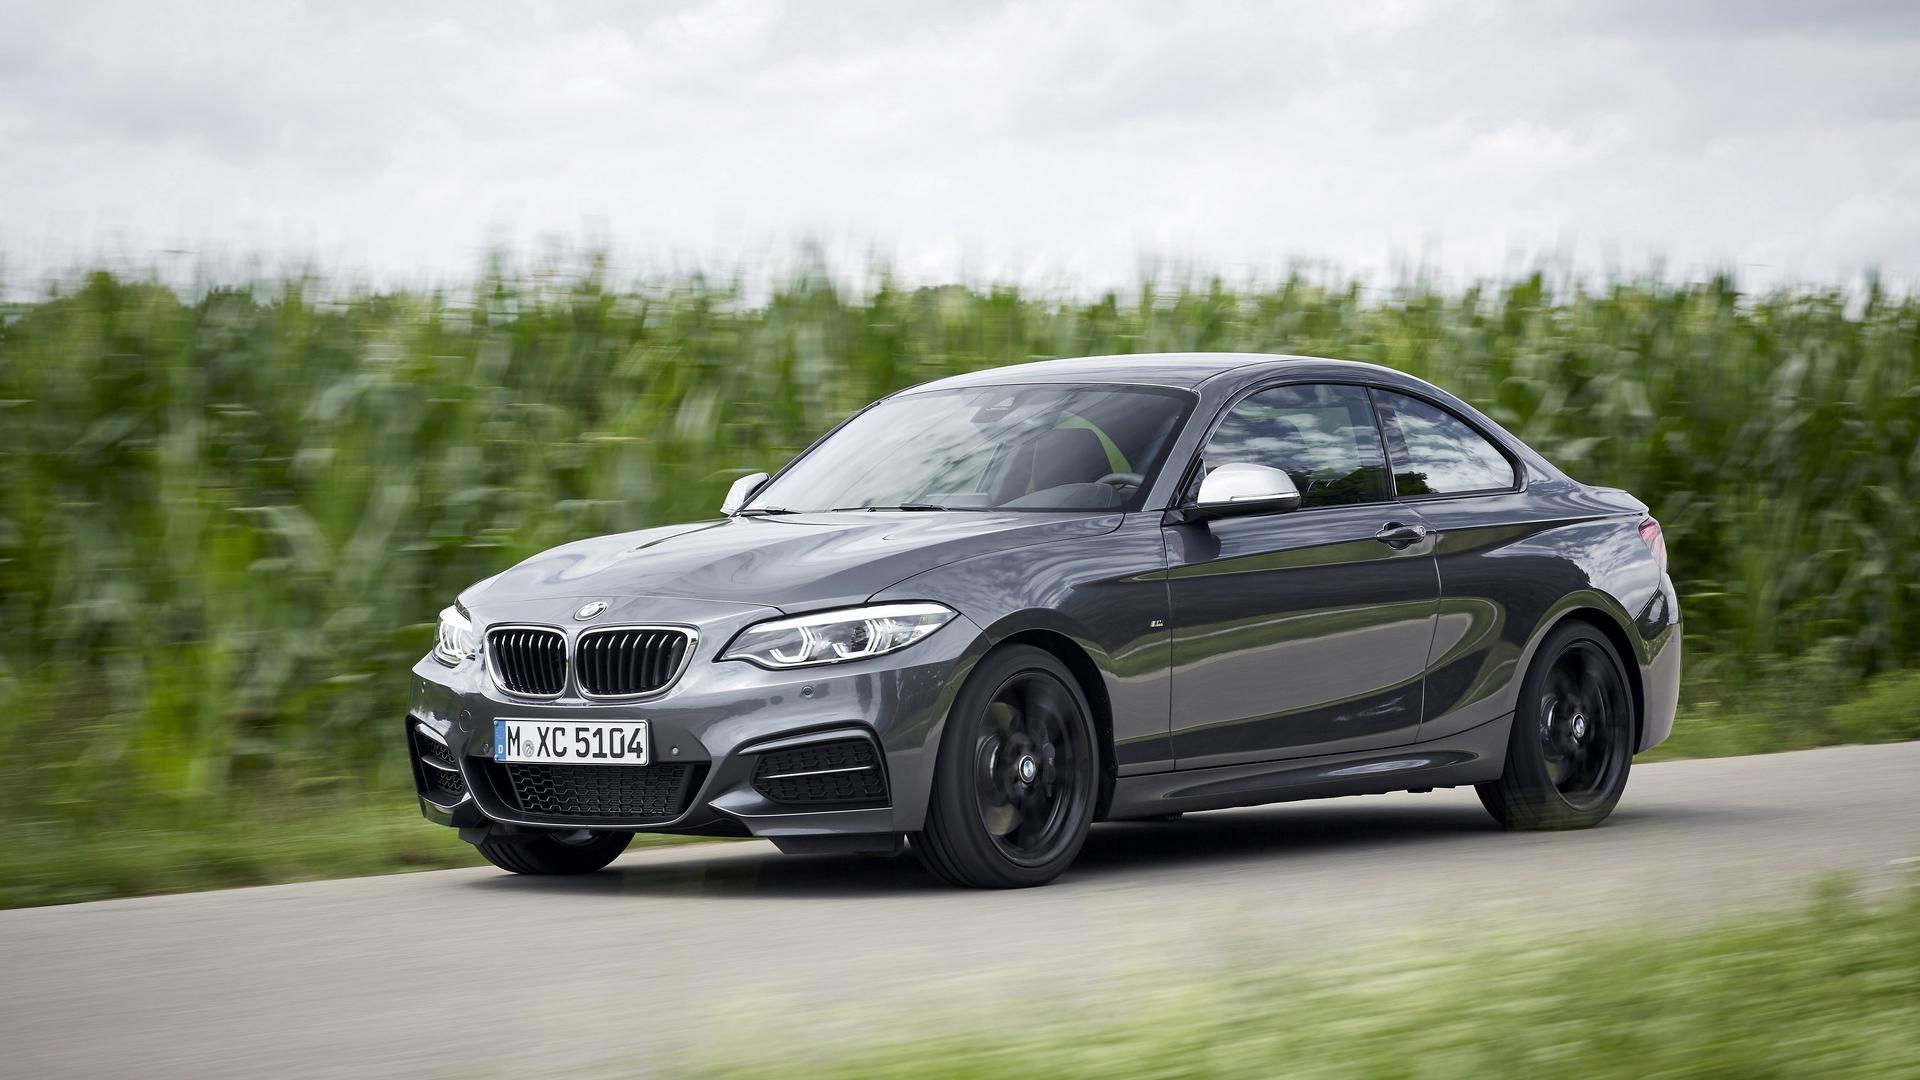 2020 BMW M550d Concept